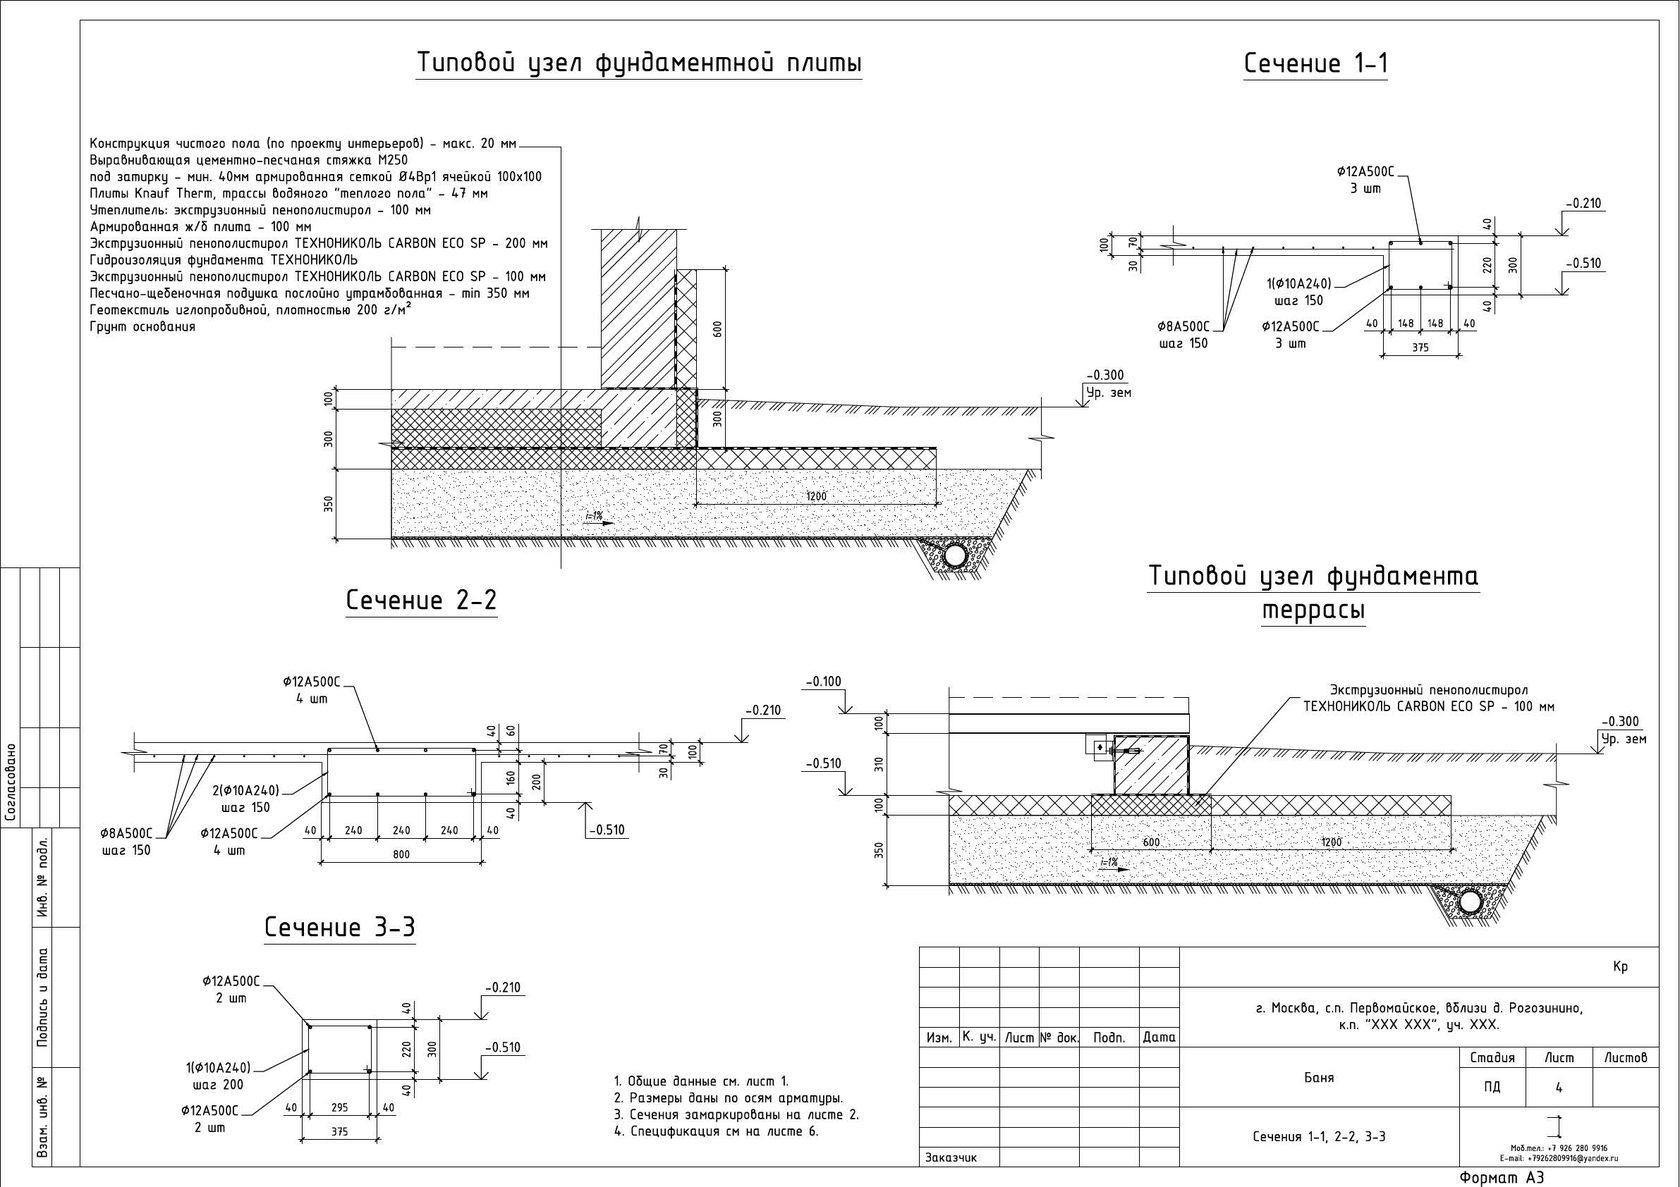 Плита под фундамент гаража: как определить толщину фундаментного основания, пошаговая инструкция, как сделать своими руками, как заливать плитный фундамент